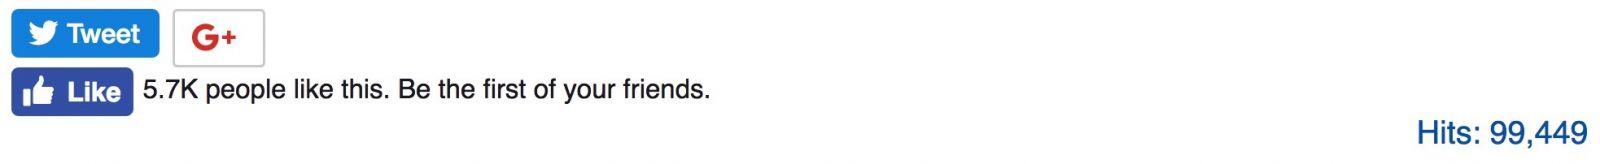 Дэвид Уилкок - Потрясающие новые брифинги: Массовые обвинения, целевые аресты и Раскрытие Часть I, раздел 2 387_6